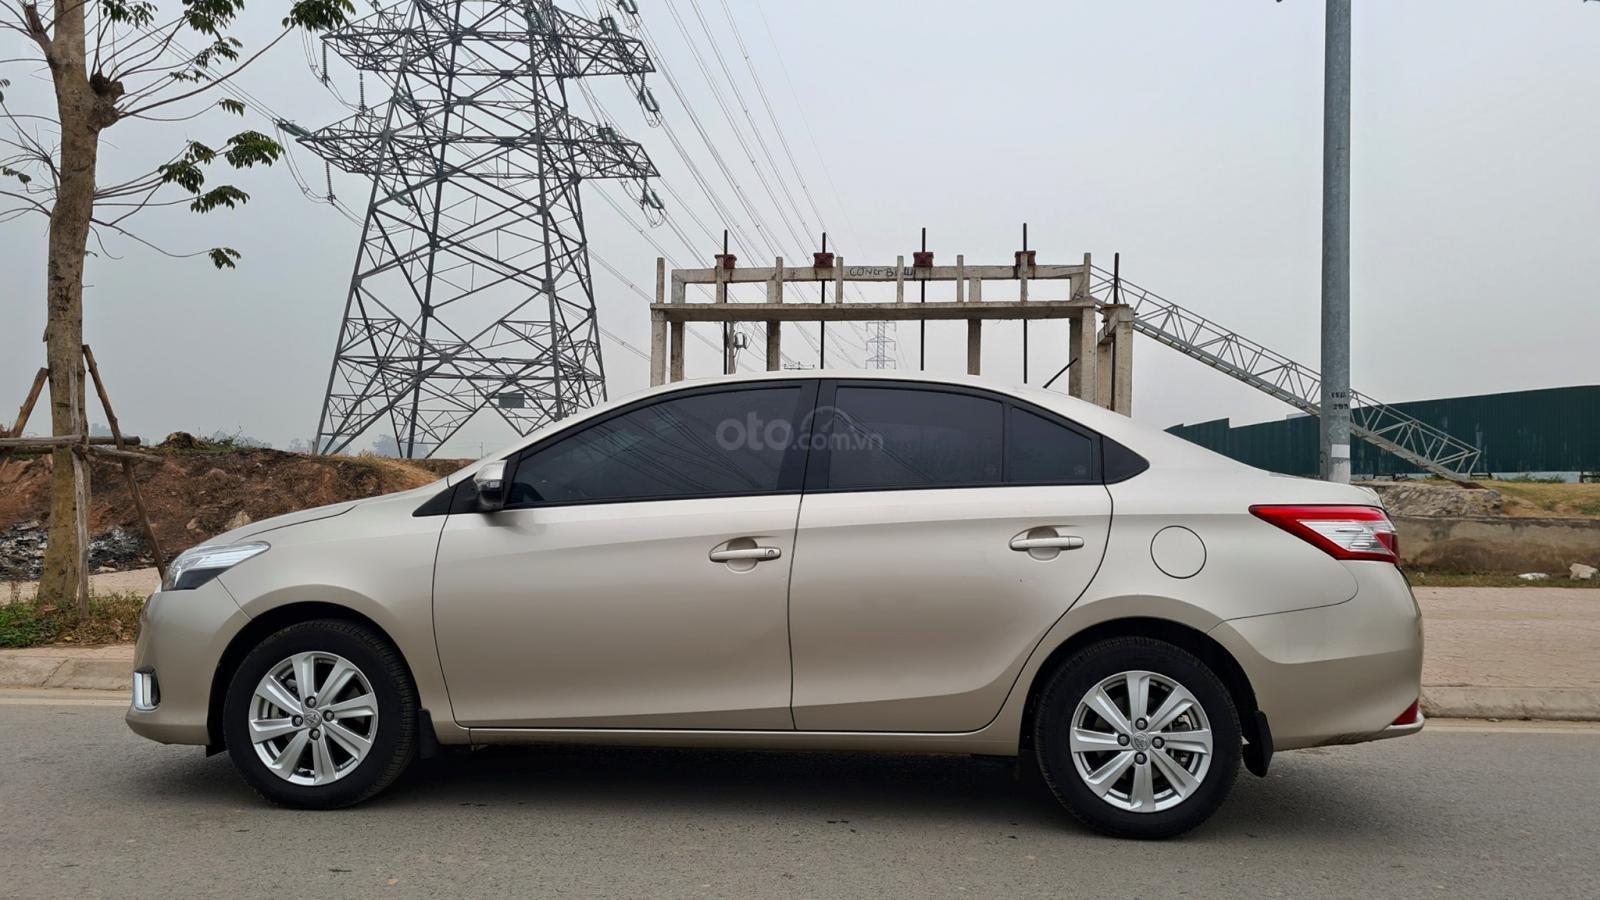 Bán xe giá ưu đãi chiếc Toyota Vios 1.5G đời 2016 (4)